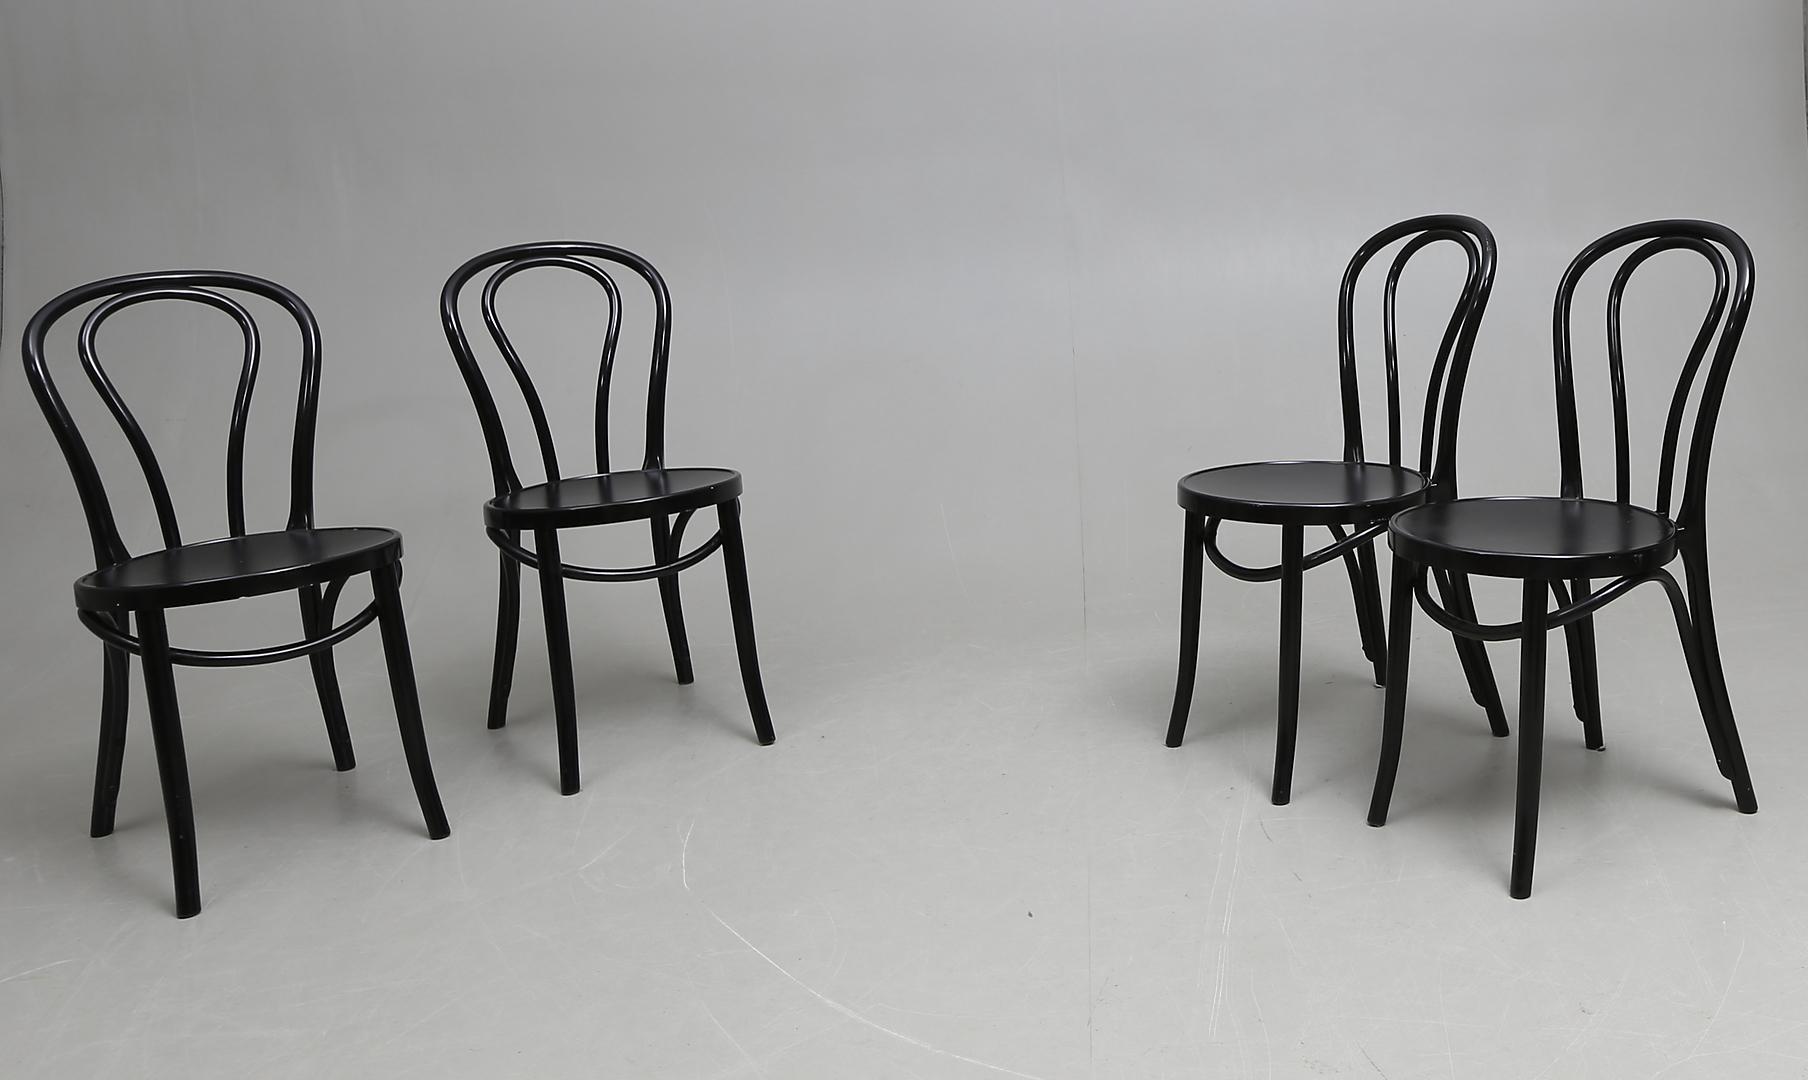 utemöbler stolar plast